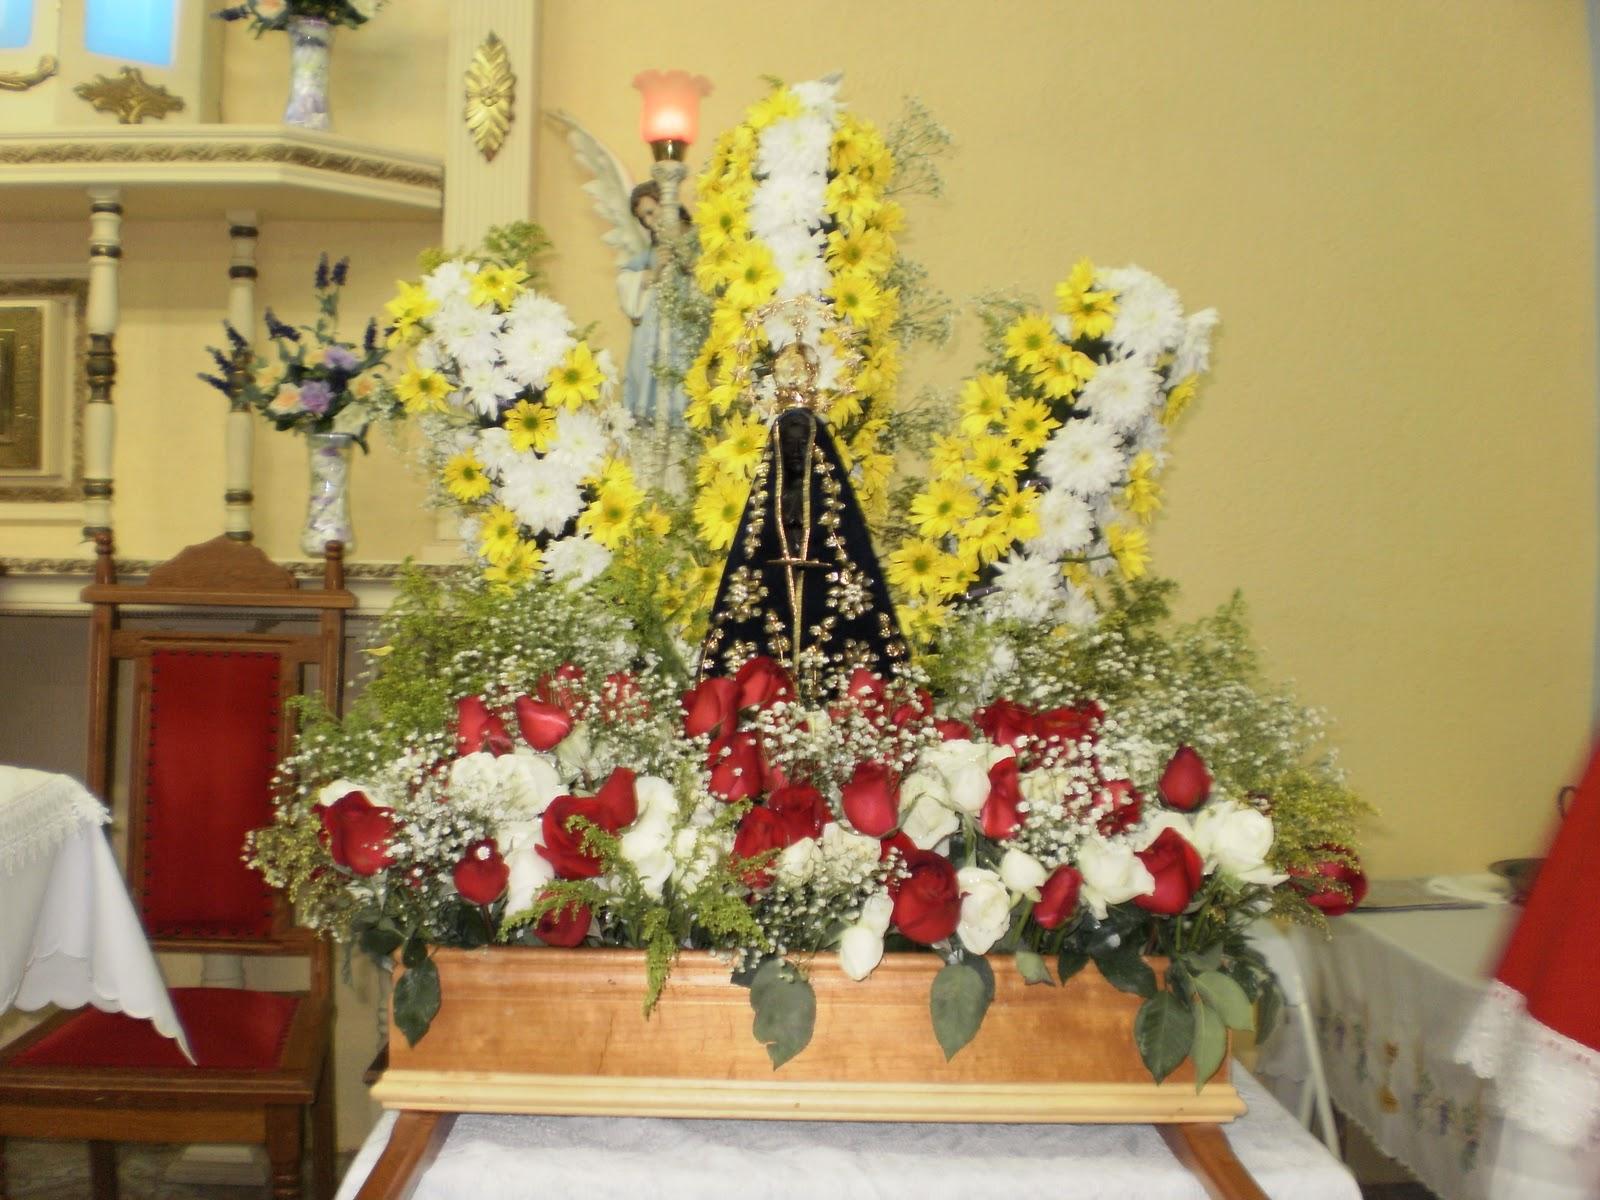 Festa De Nossa Senhora Aparecida: Paróquia São Sebastião: FESTA DE NOSSA SENHORA APARECIDA